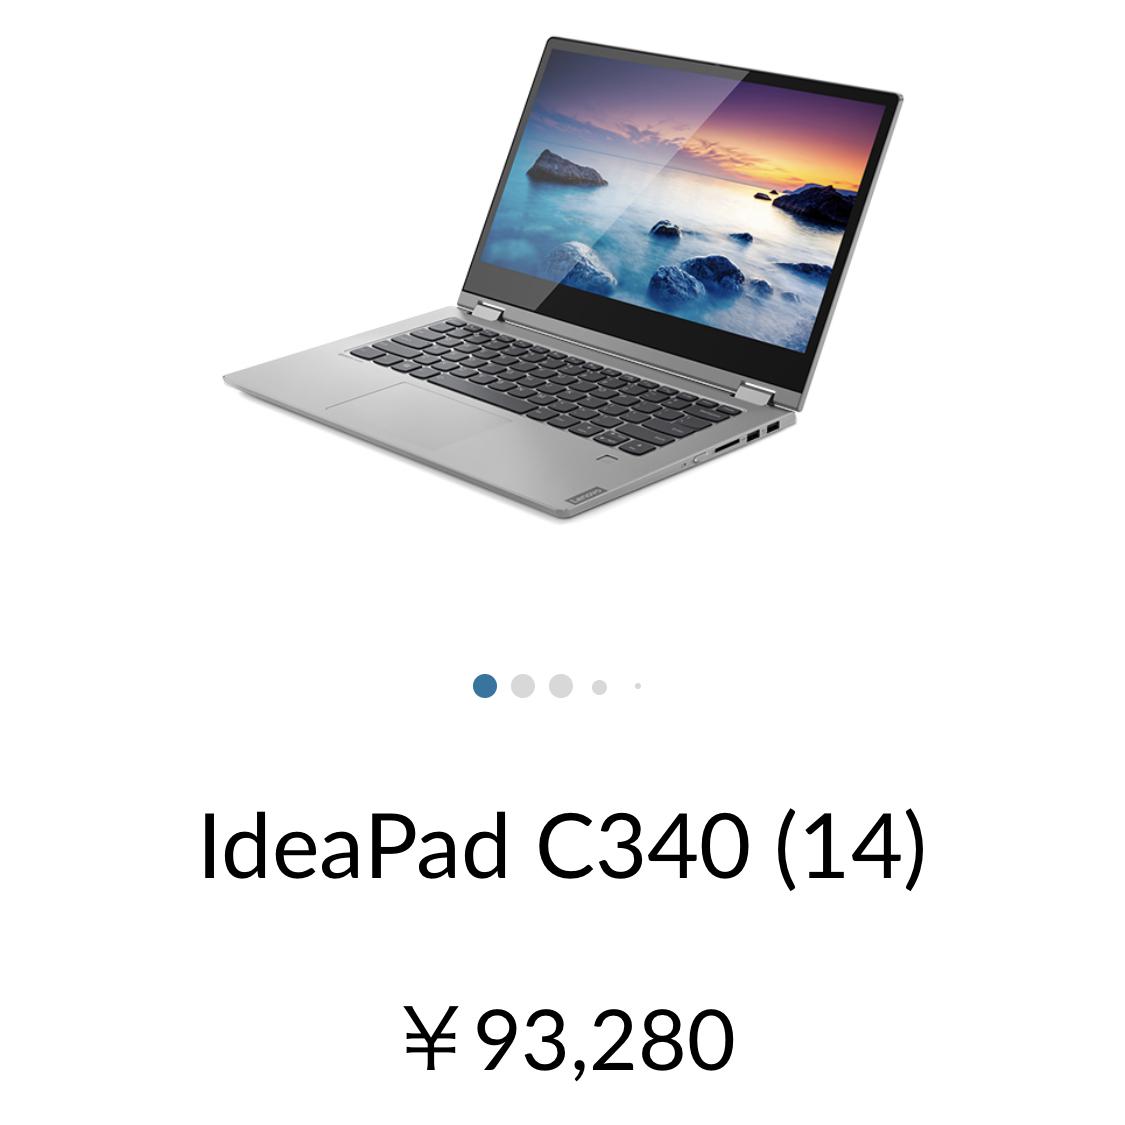 xhMfokz - 中国から買ったノートパソコン(55000円)届いたンゴ